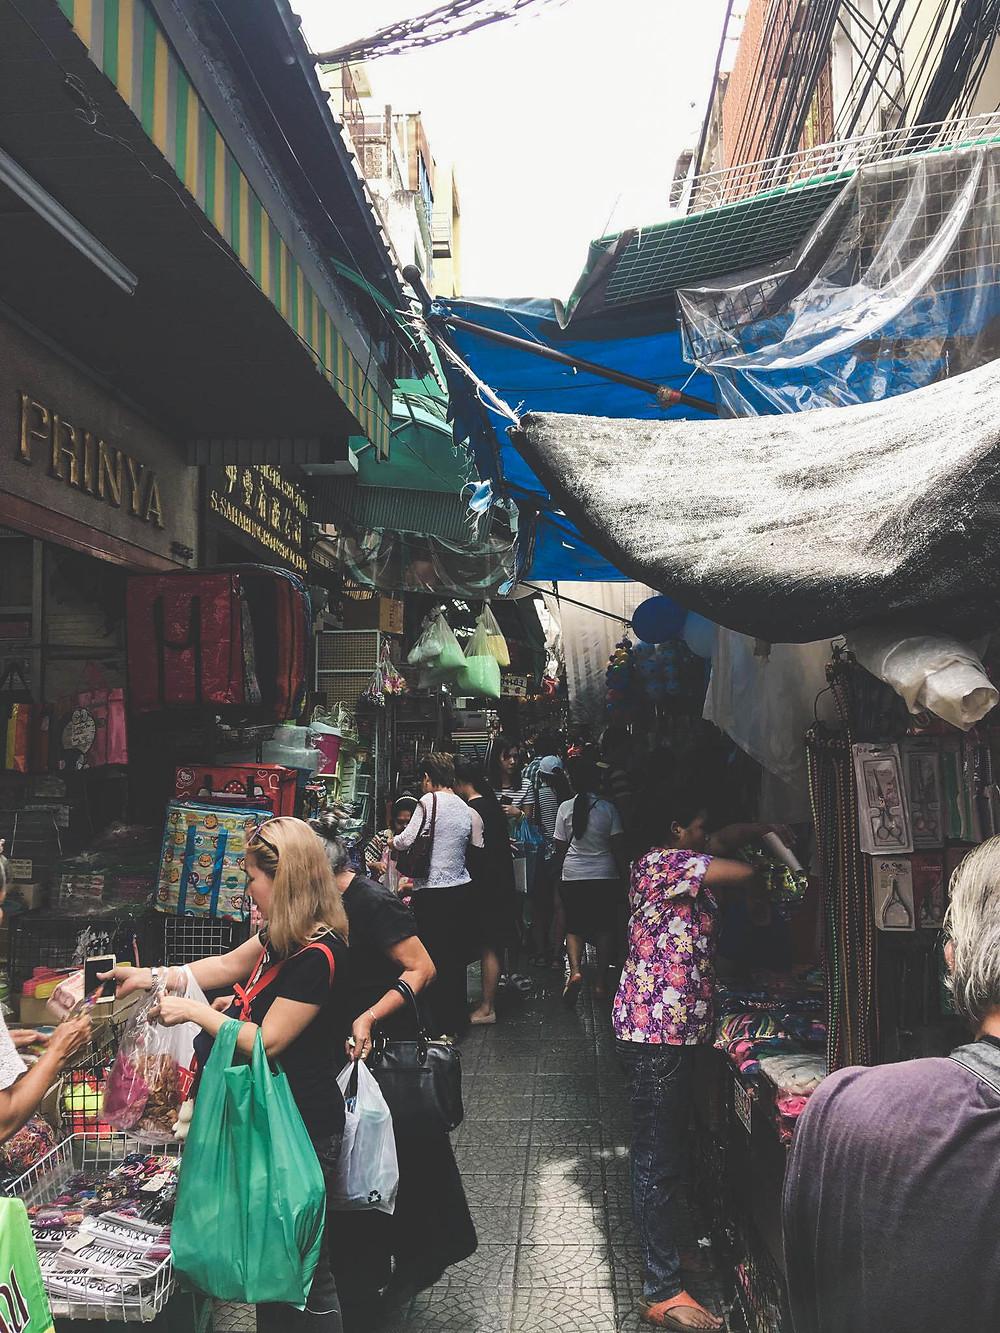 Chiner dans le dédale de commerces de Chinatown